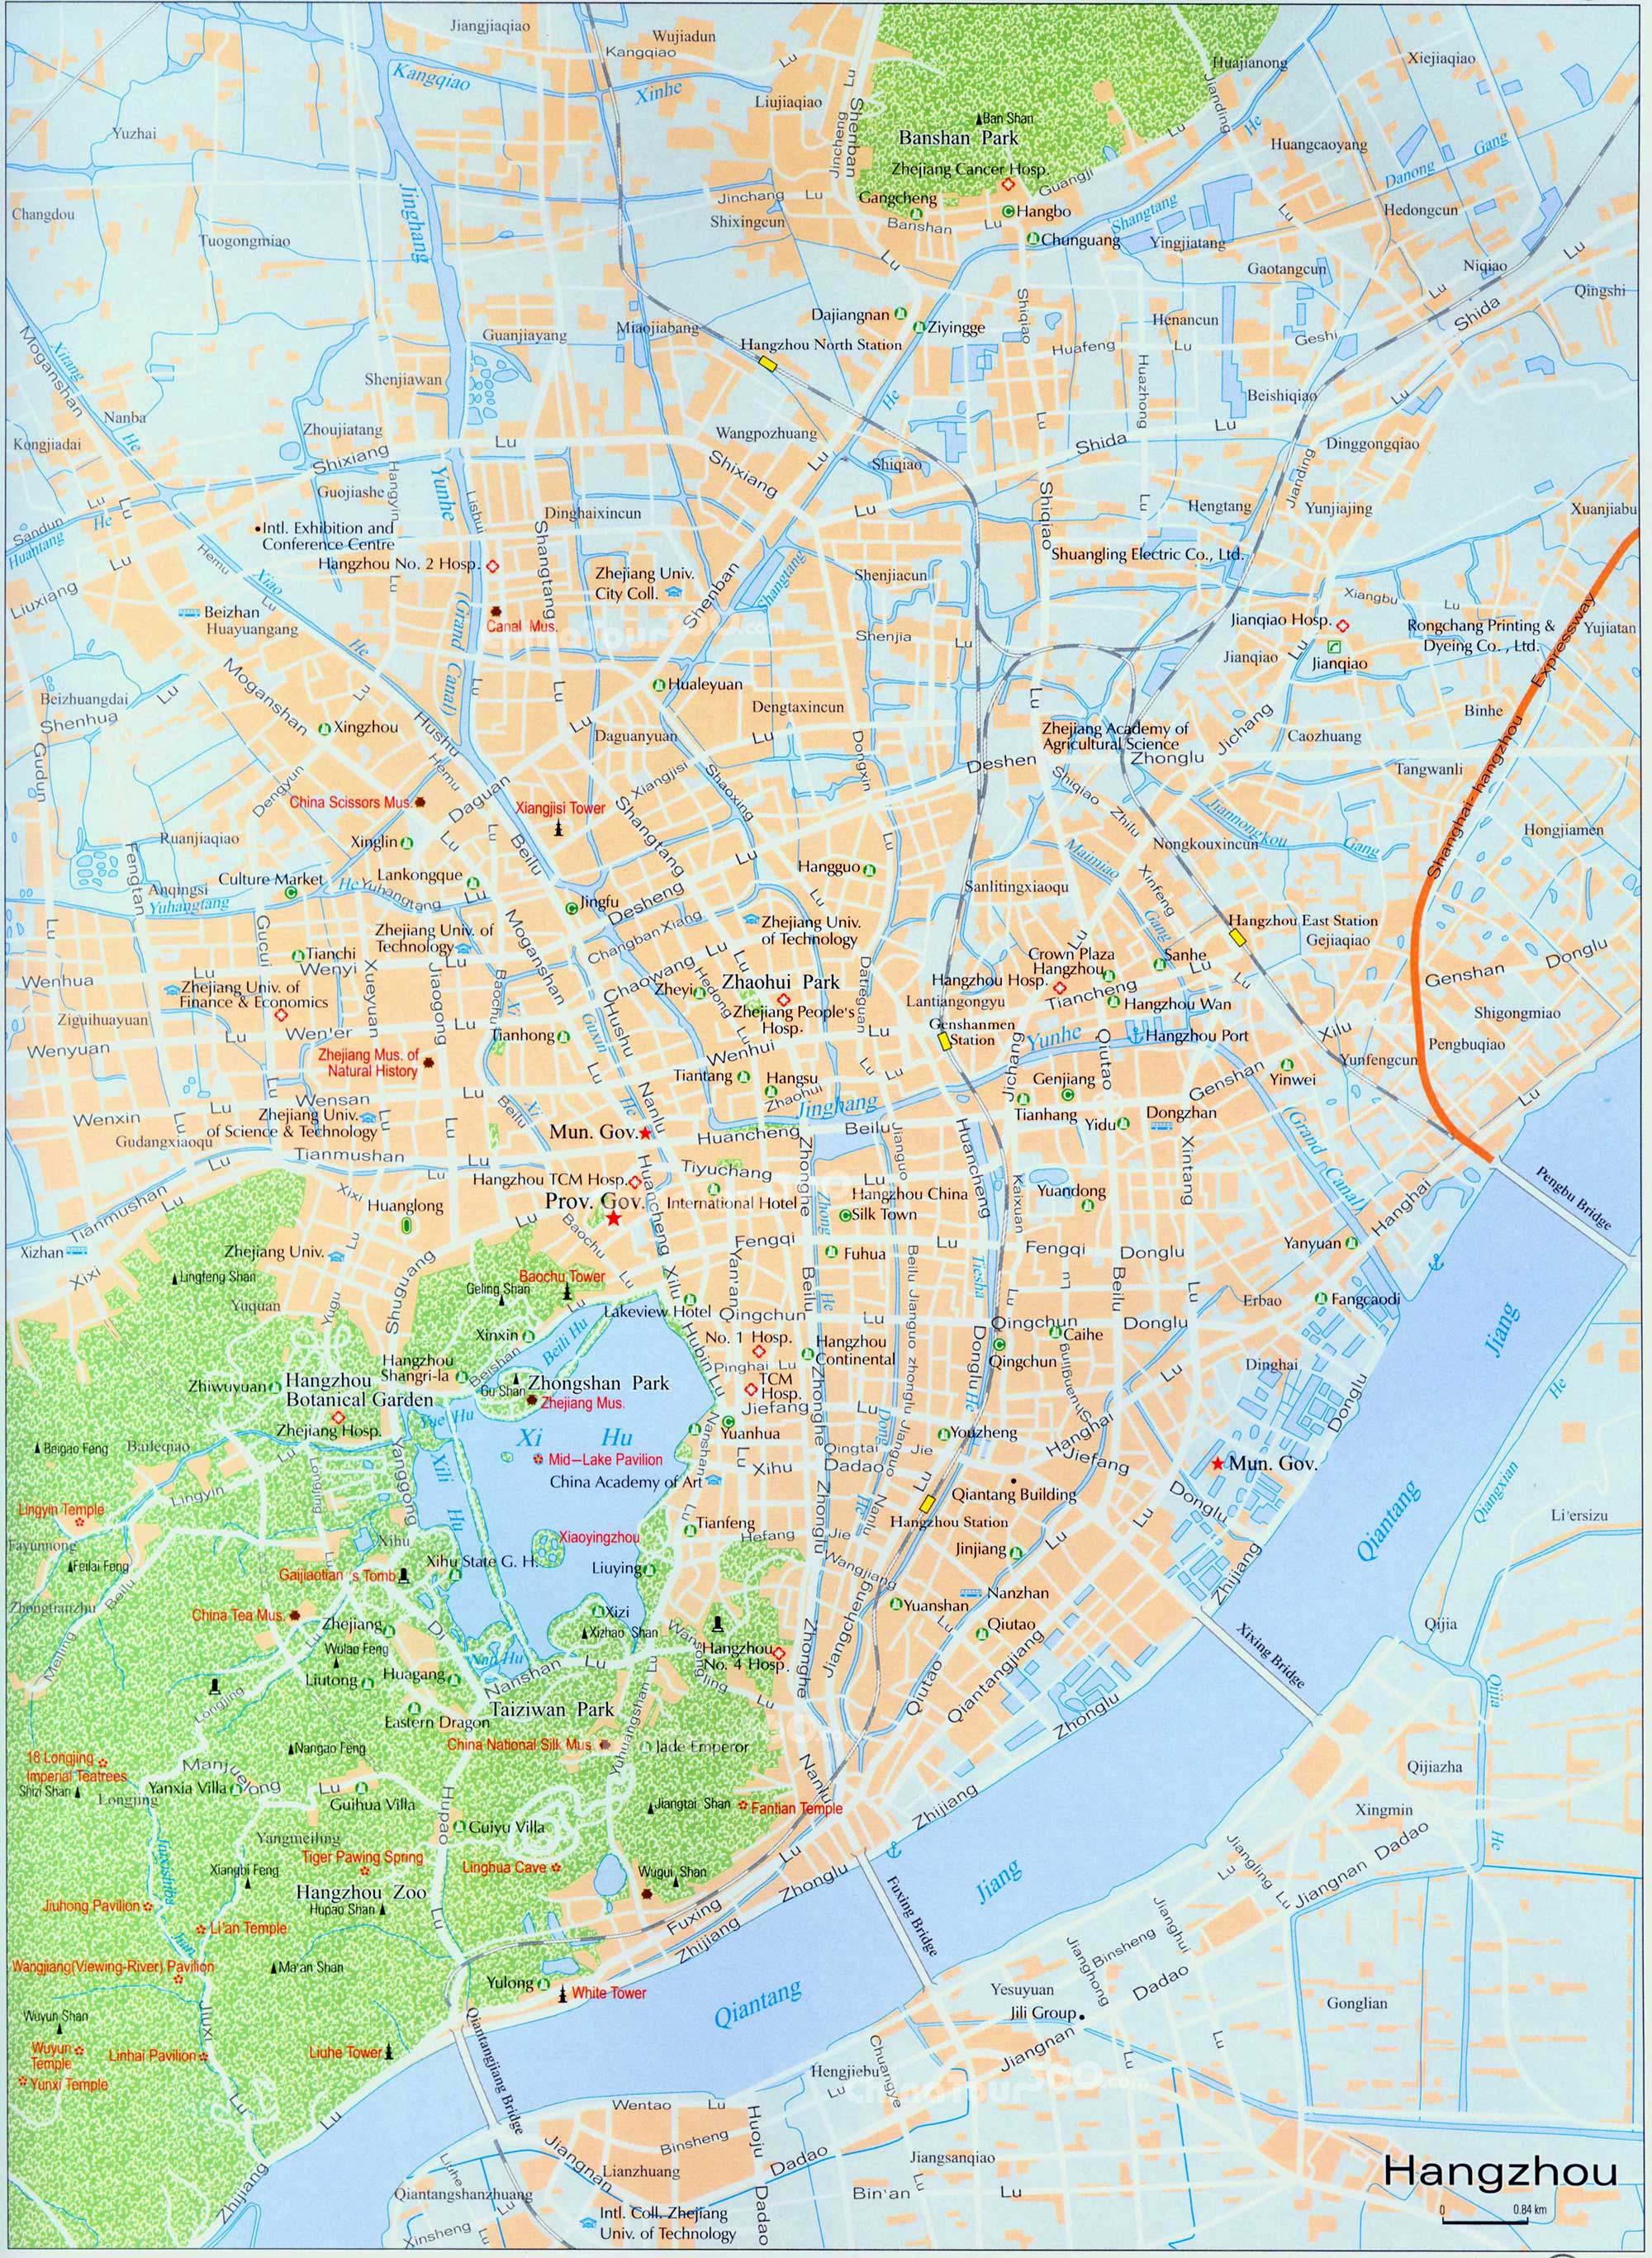 Hangzhou City Map